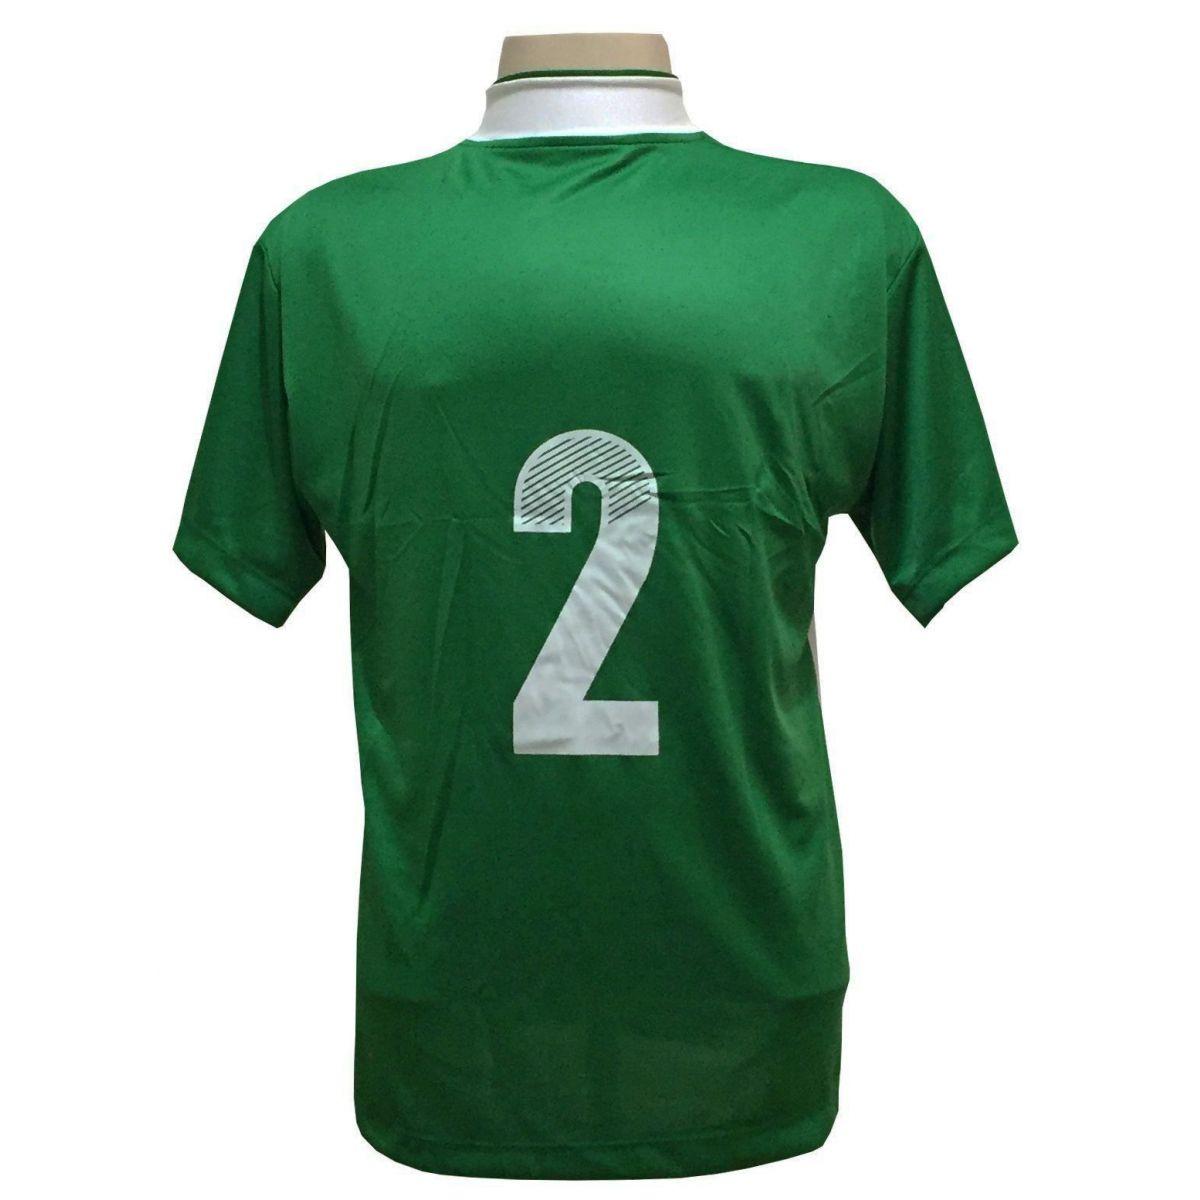 Uniforme Esportivo Completo modelo Suécia 14+1 (14 camisas Verde/Branco + 14 calções Madrid Verde + 14 pares de meiões Verdes + 1 conjunto de goleiro) + Brindes